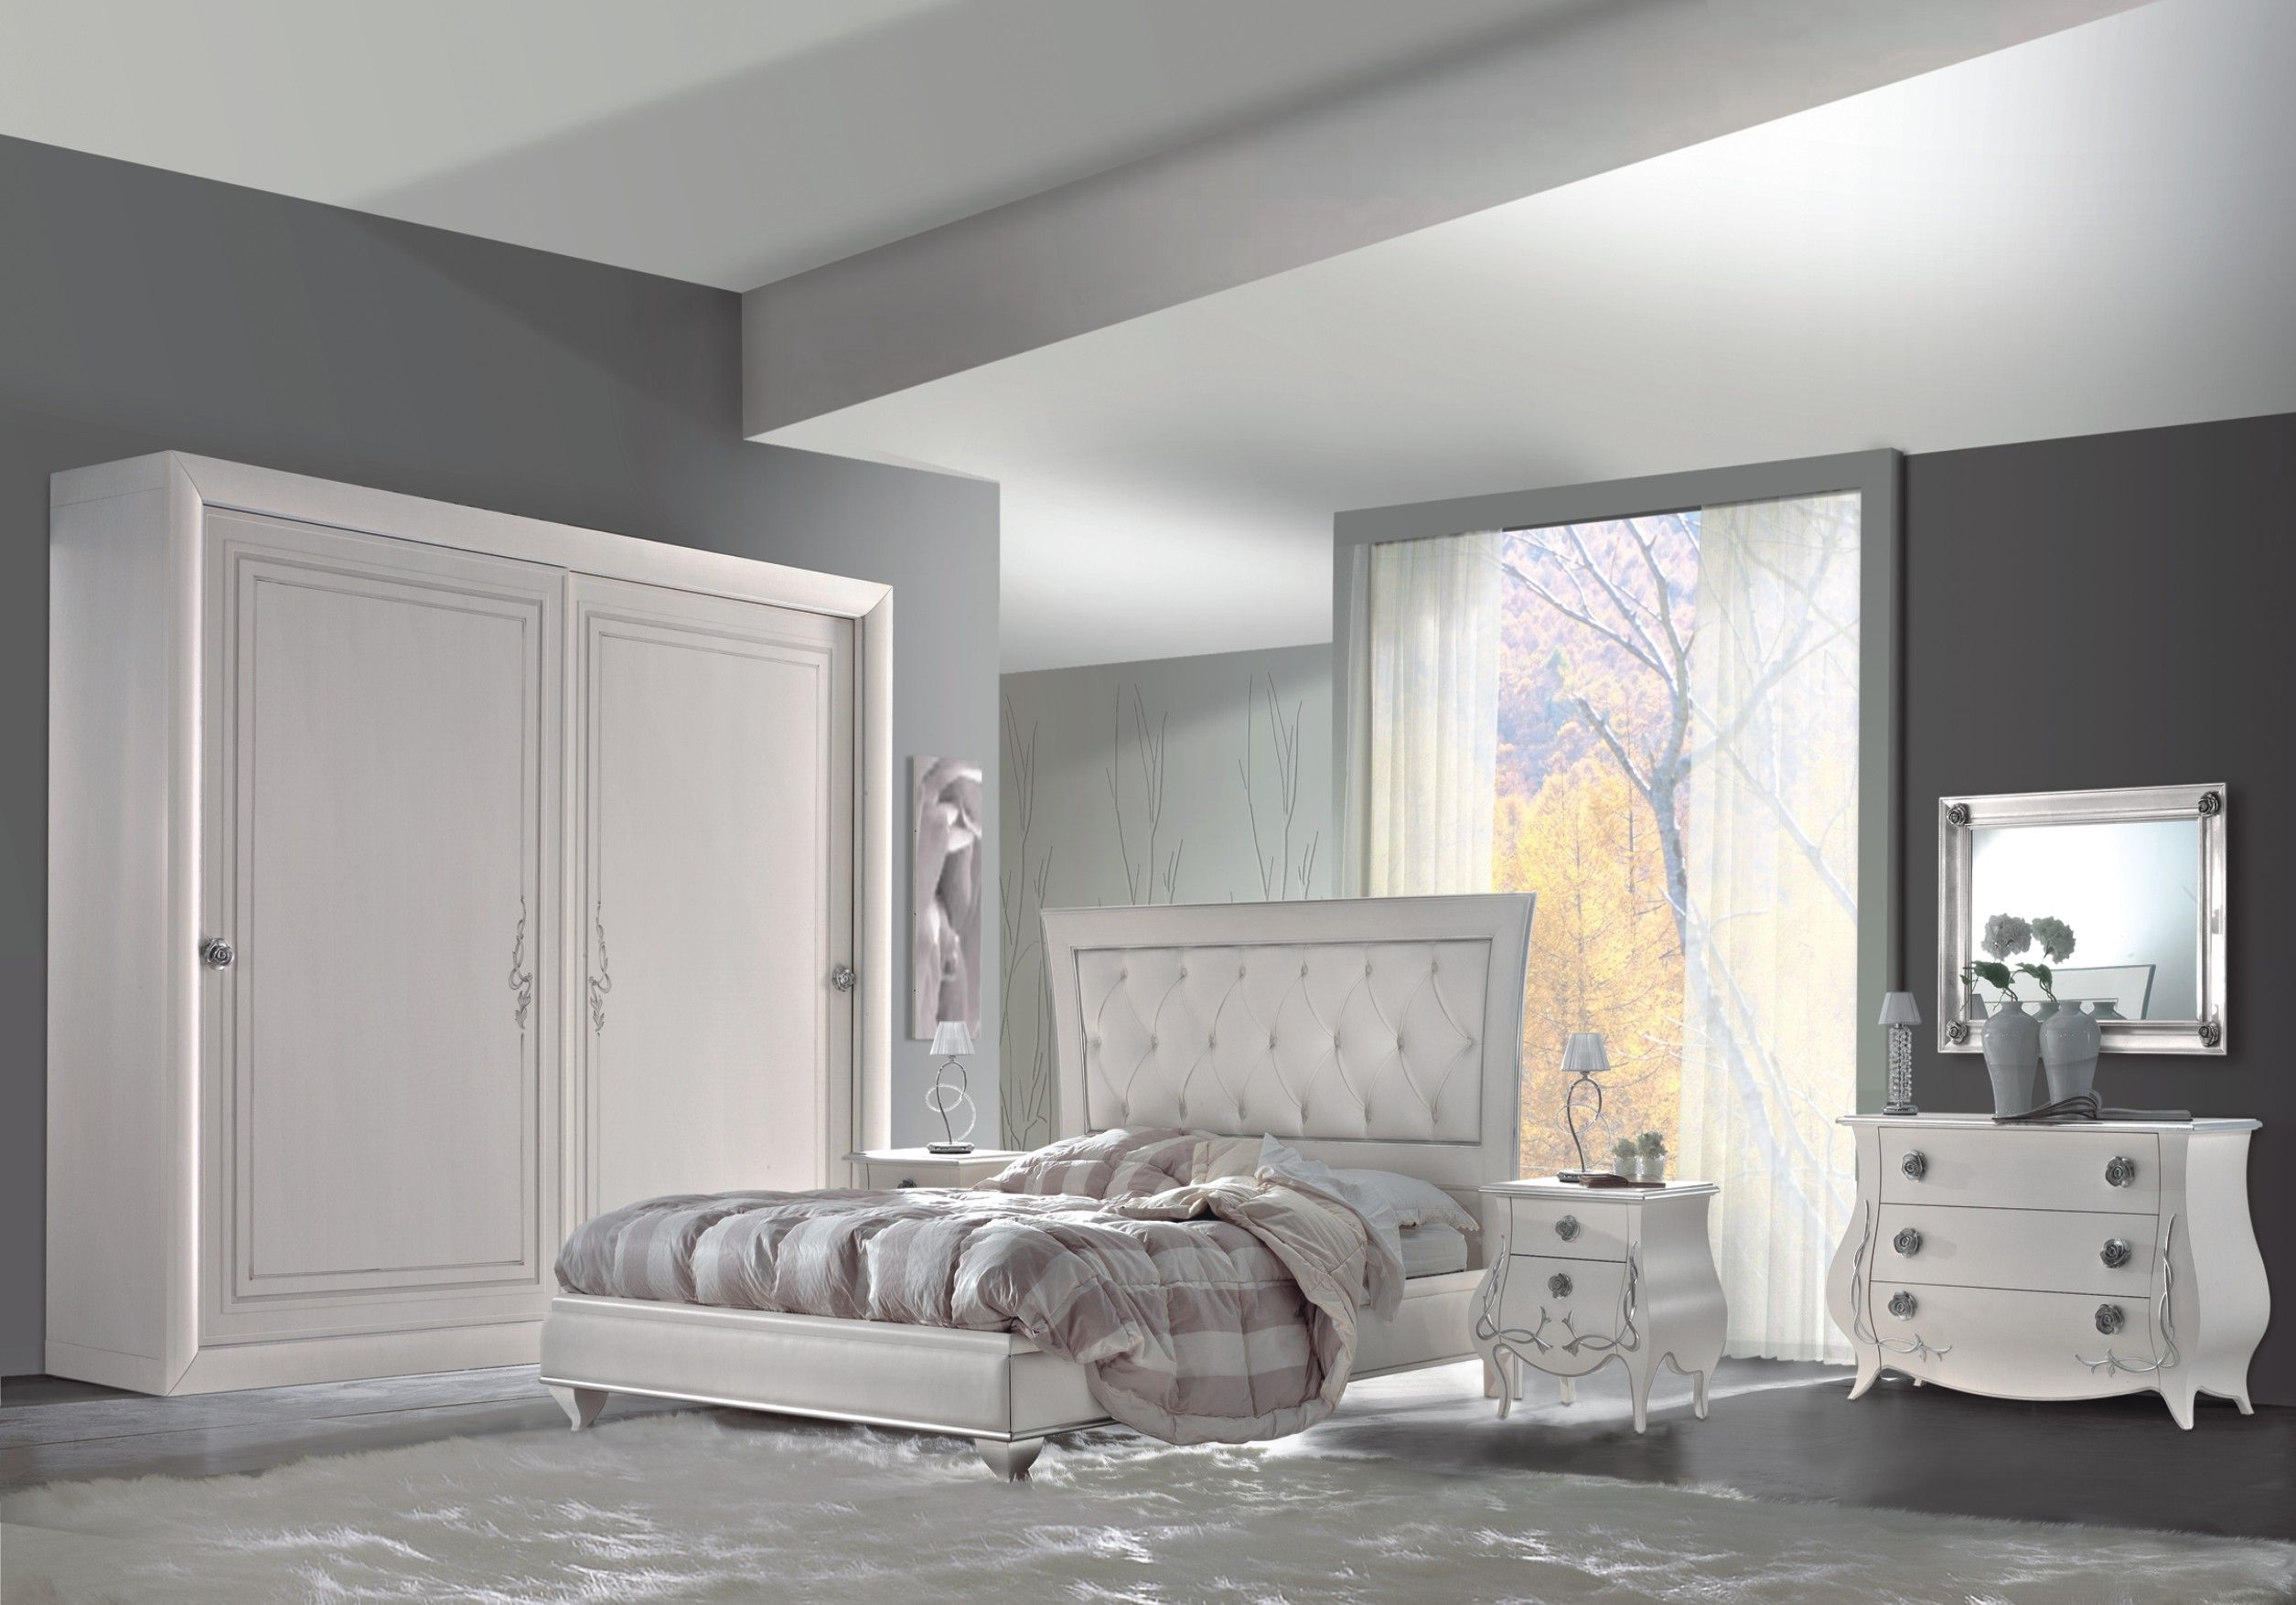 Camera Da Letto Pareti Argento ~ Design casa creativa e mobili ispiratori